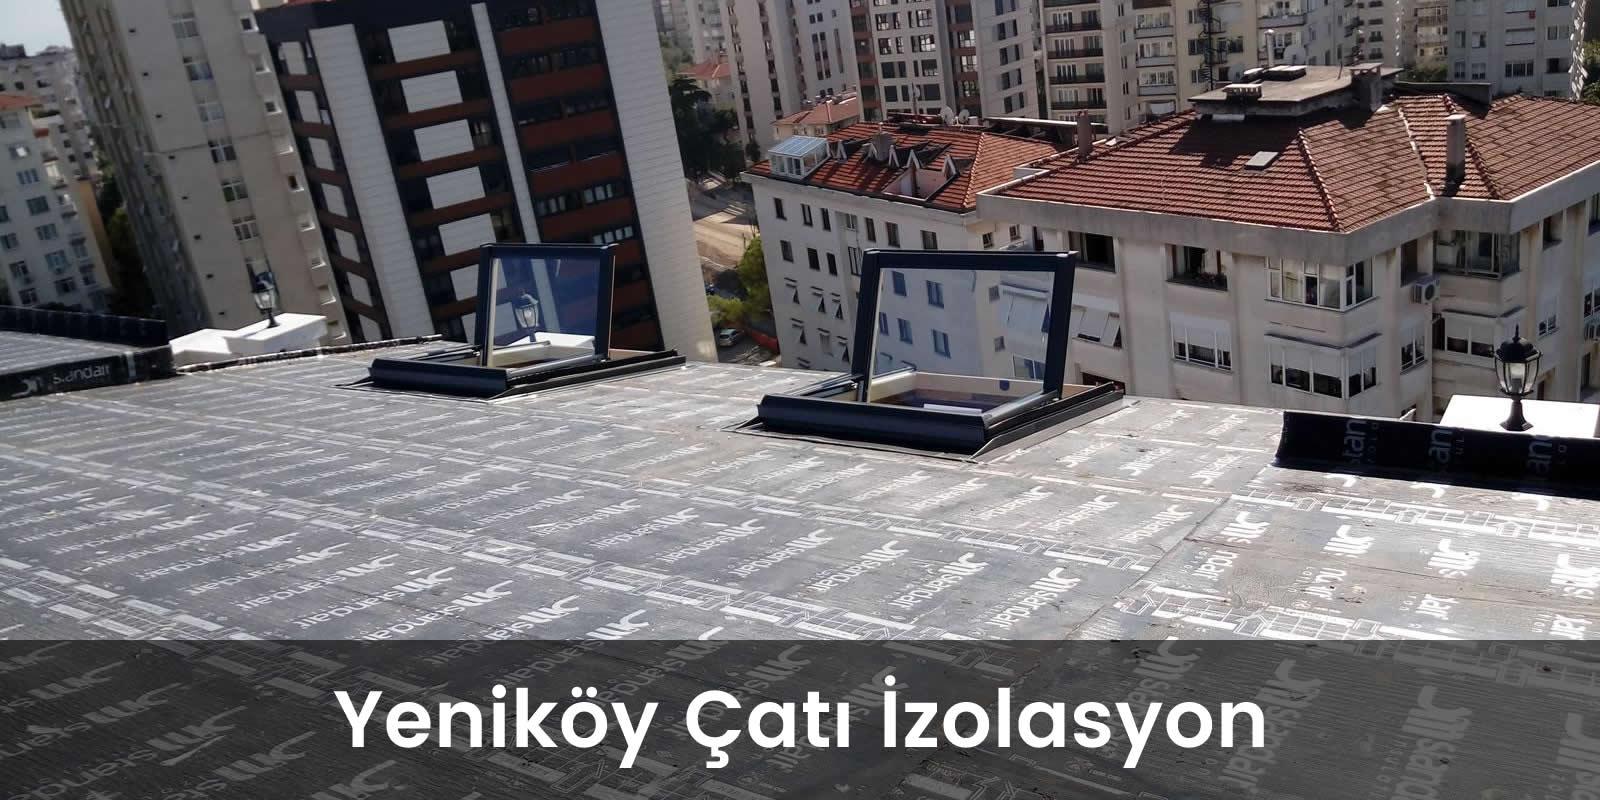 yeniköy çatı izolasyon